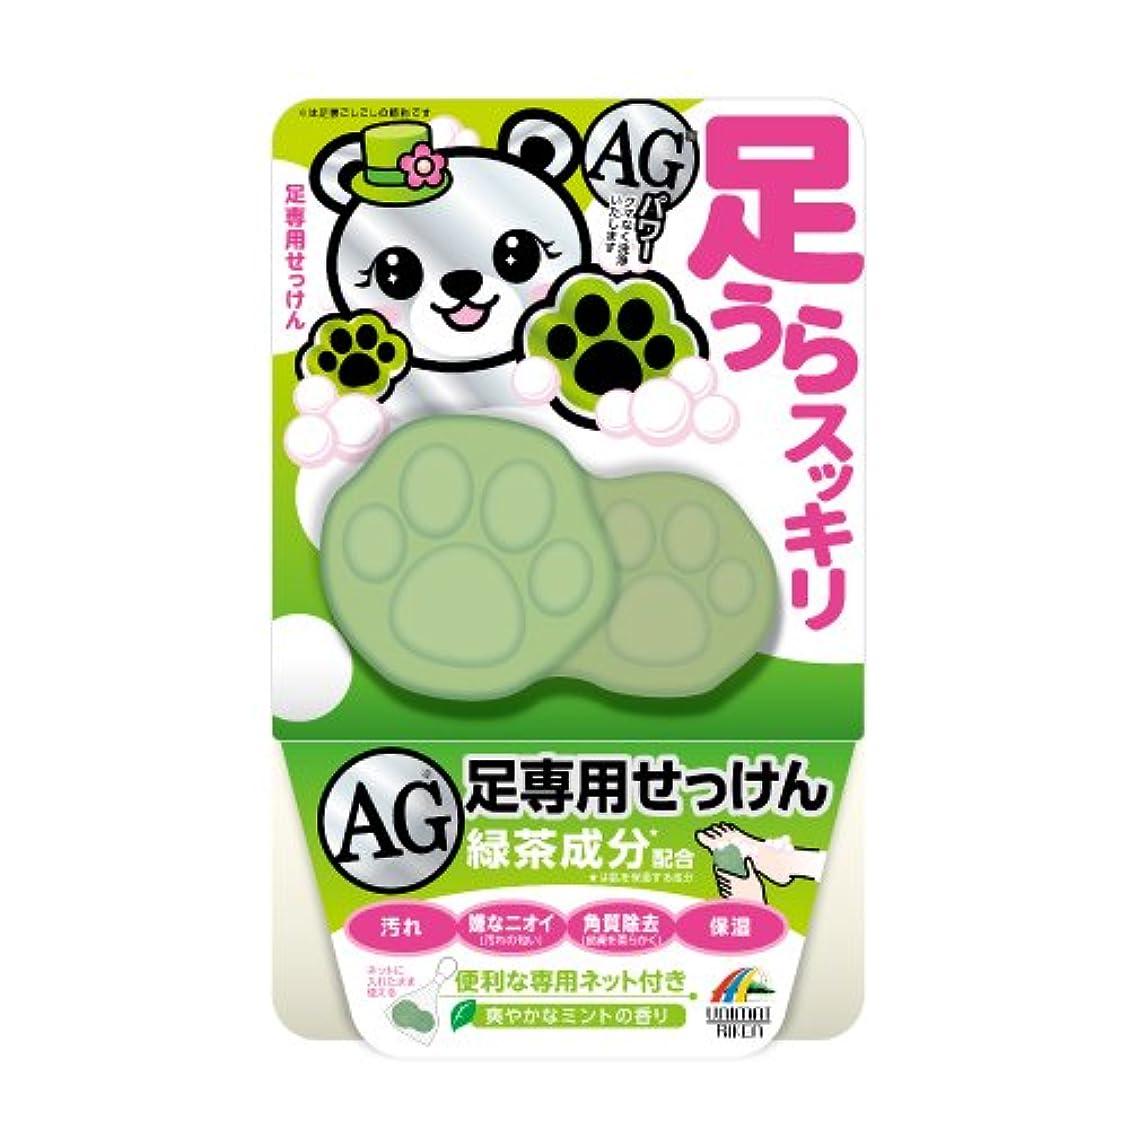 深いとは異なりフルーツ野菜ユニマットリケン 足裏スッキリAG石鹸(緑茶成分配合) 70g